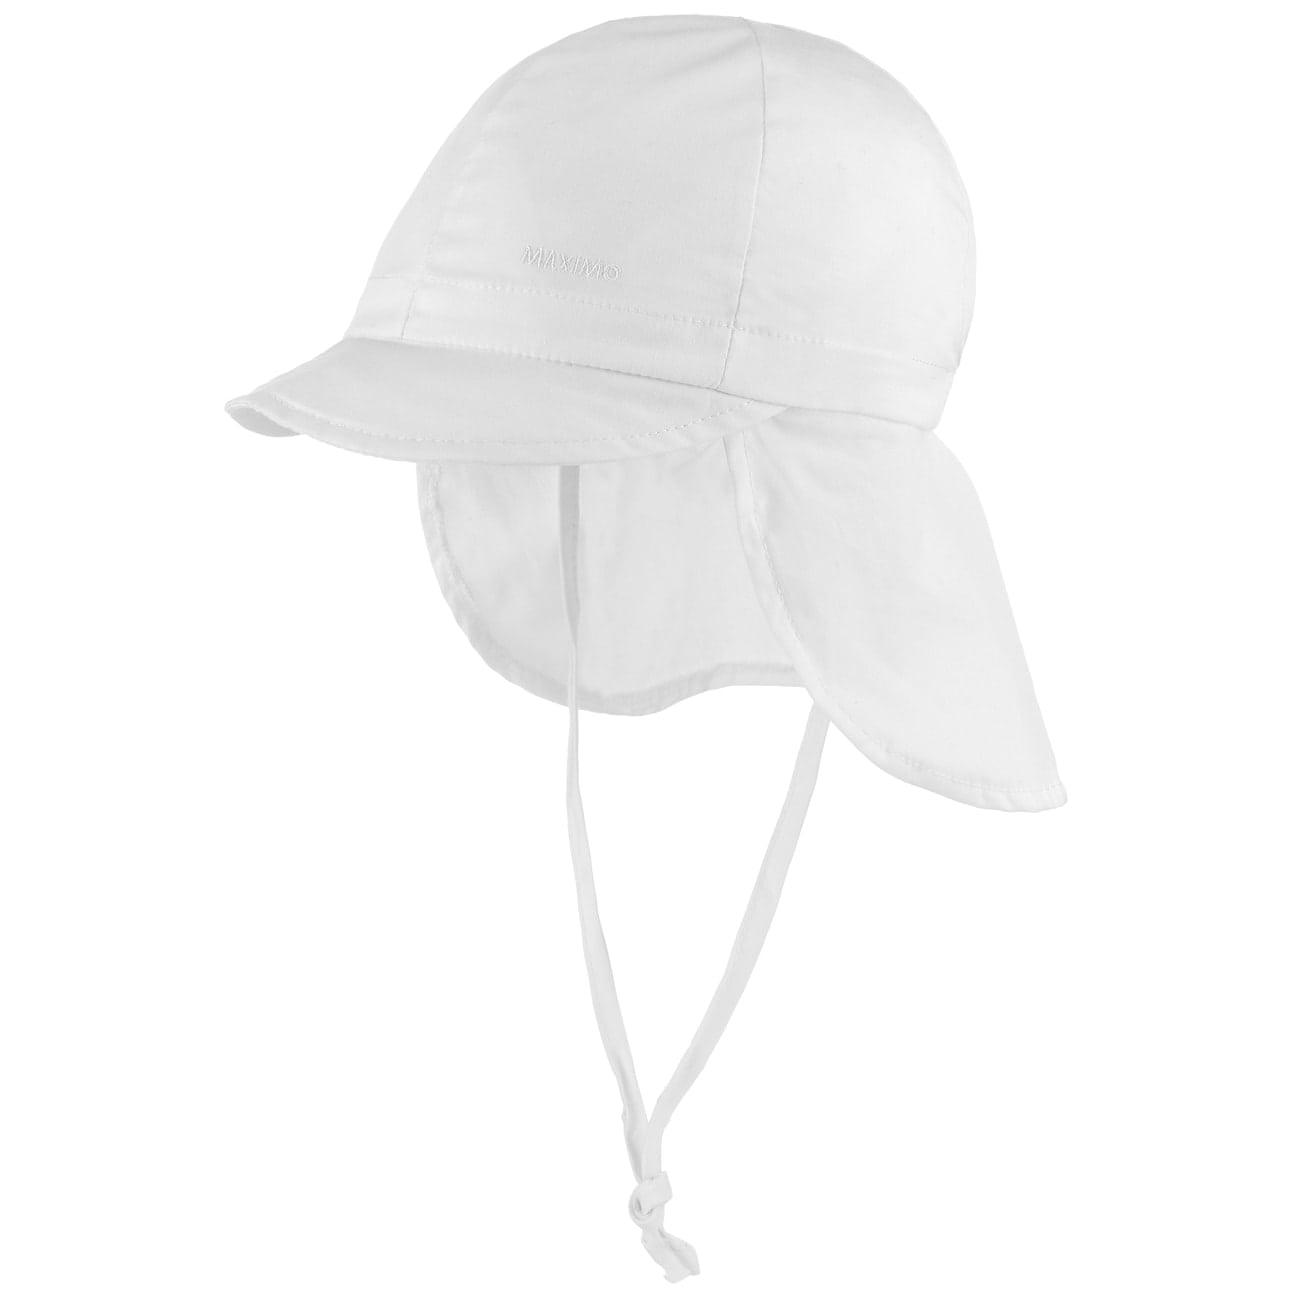 uni-kinder-cap-mit-nackenschutz-by-maximo-sonnenschutz-cap